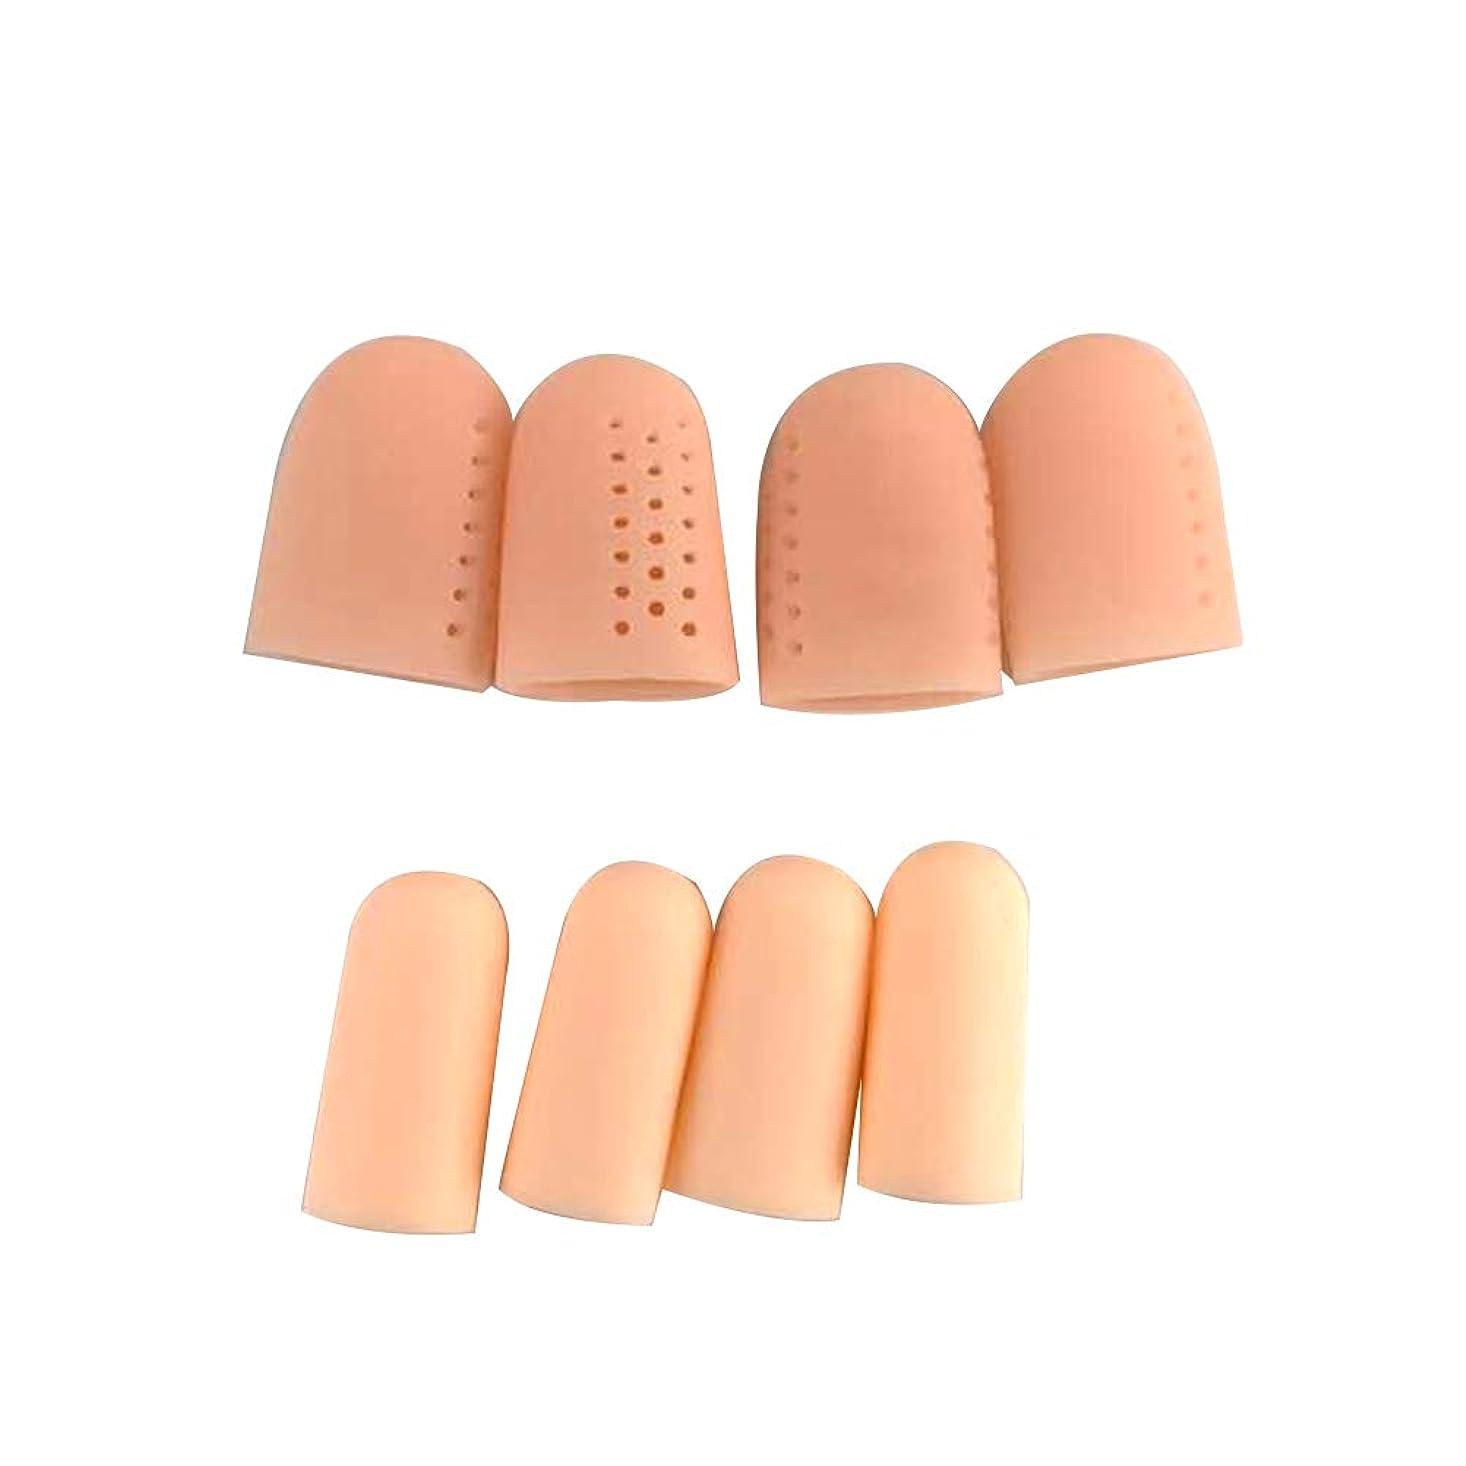 温帯マウンドパブHealifty 8PCSジェルトゥキャップシリコントゥプロテクターは、トウモロコシ、カルス、水ぶくれ、ハンマートゥ、陥没した足指の爪、足指の爪の痛みを軽減します